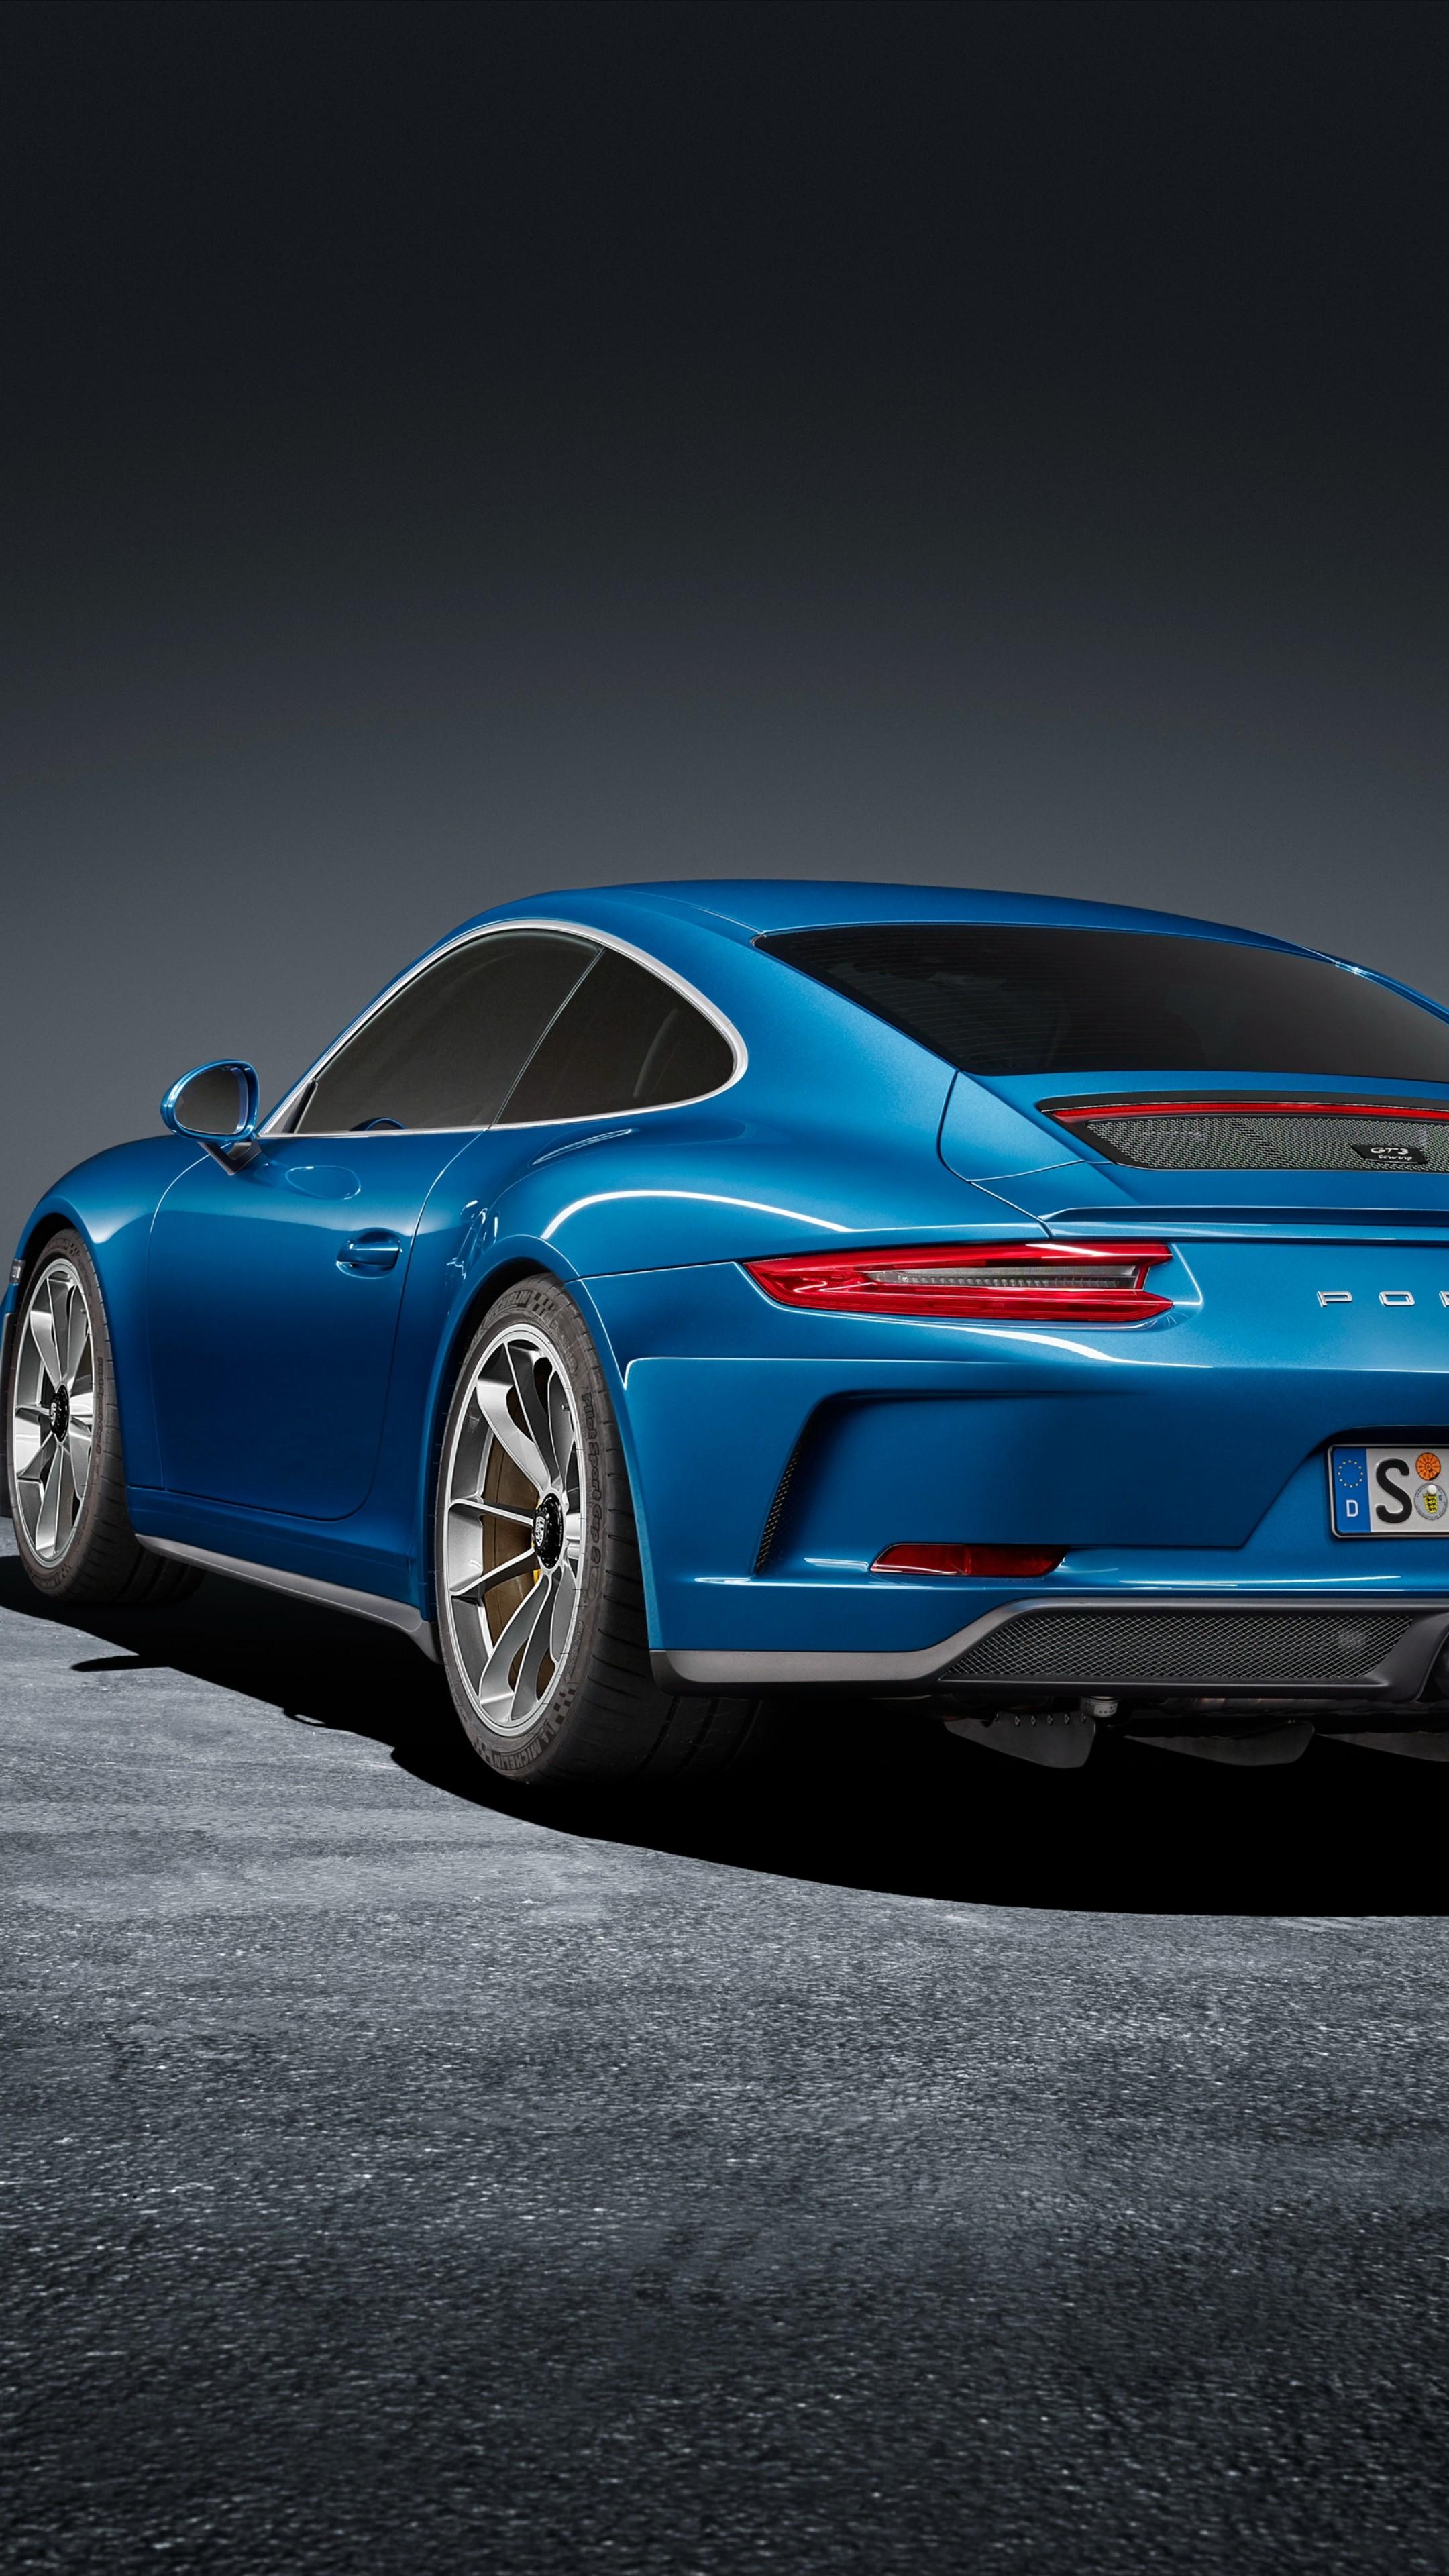 Iphone Porsche 911 Wallpaper 4k